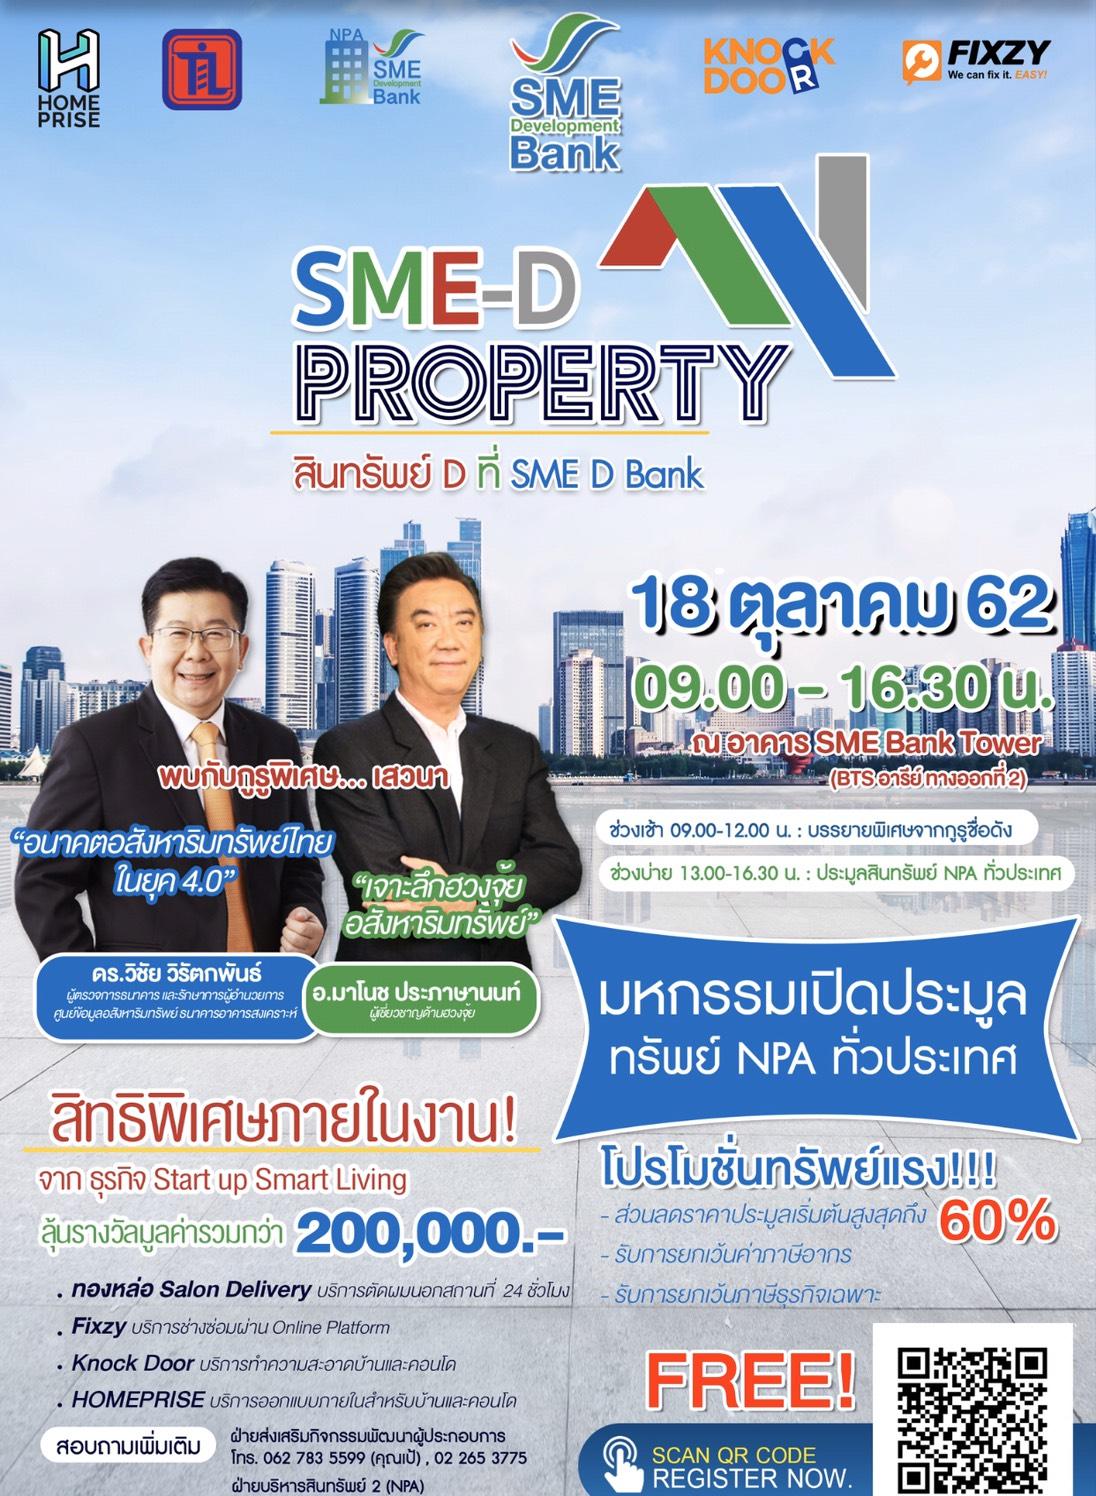 SME D Bank จัดมหกรรมประมูลทรัพย์ NPA โปรแรง ราคาประมูลลดสูงสุด 60%